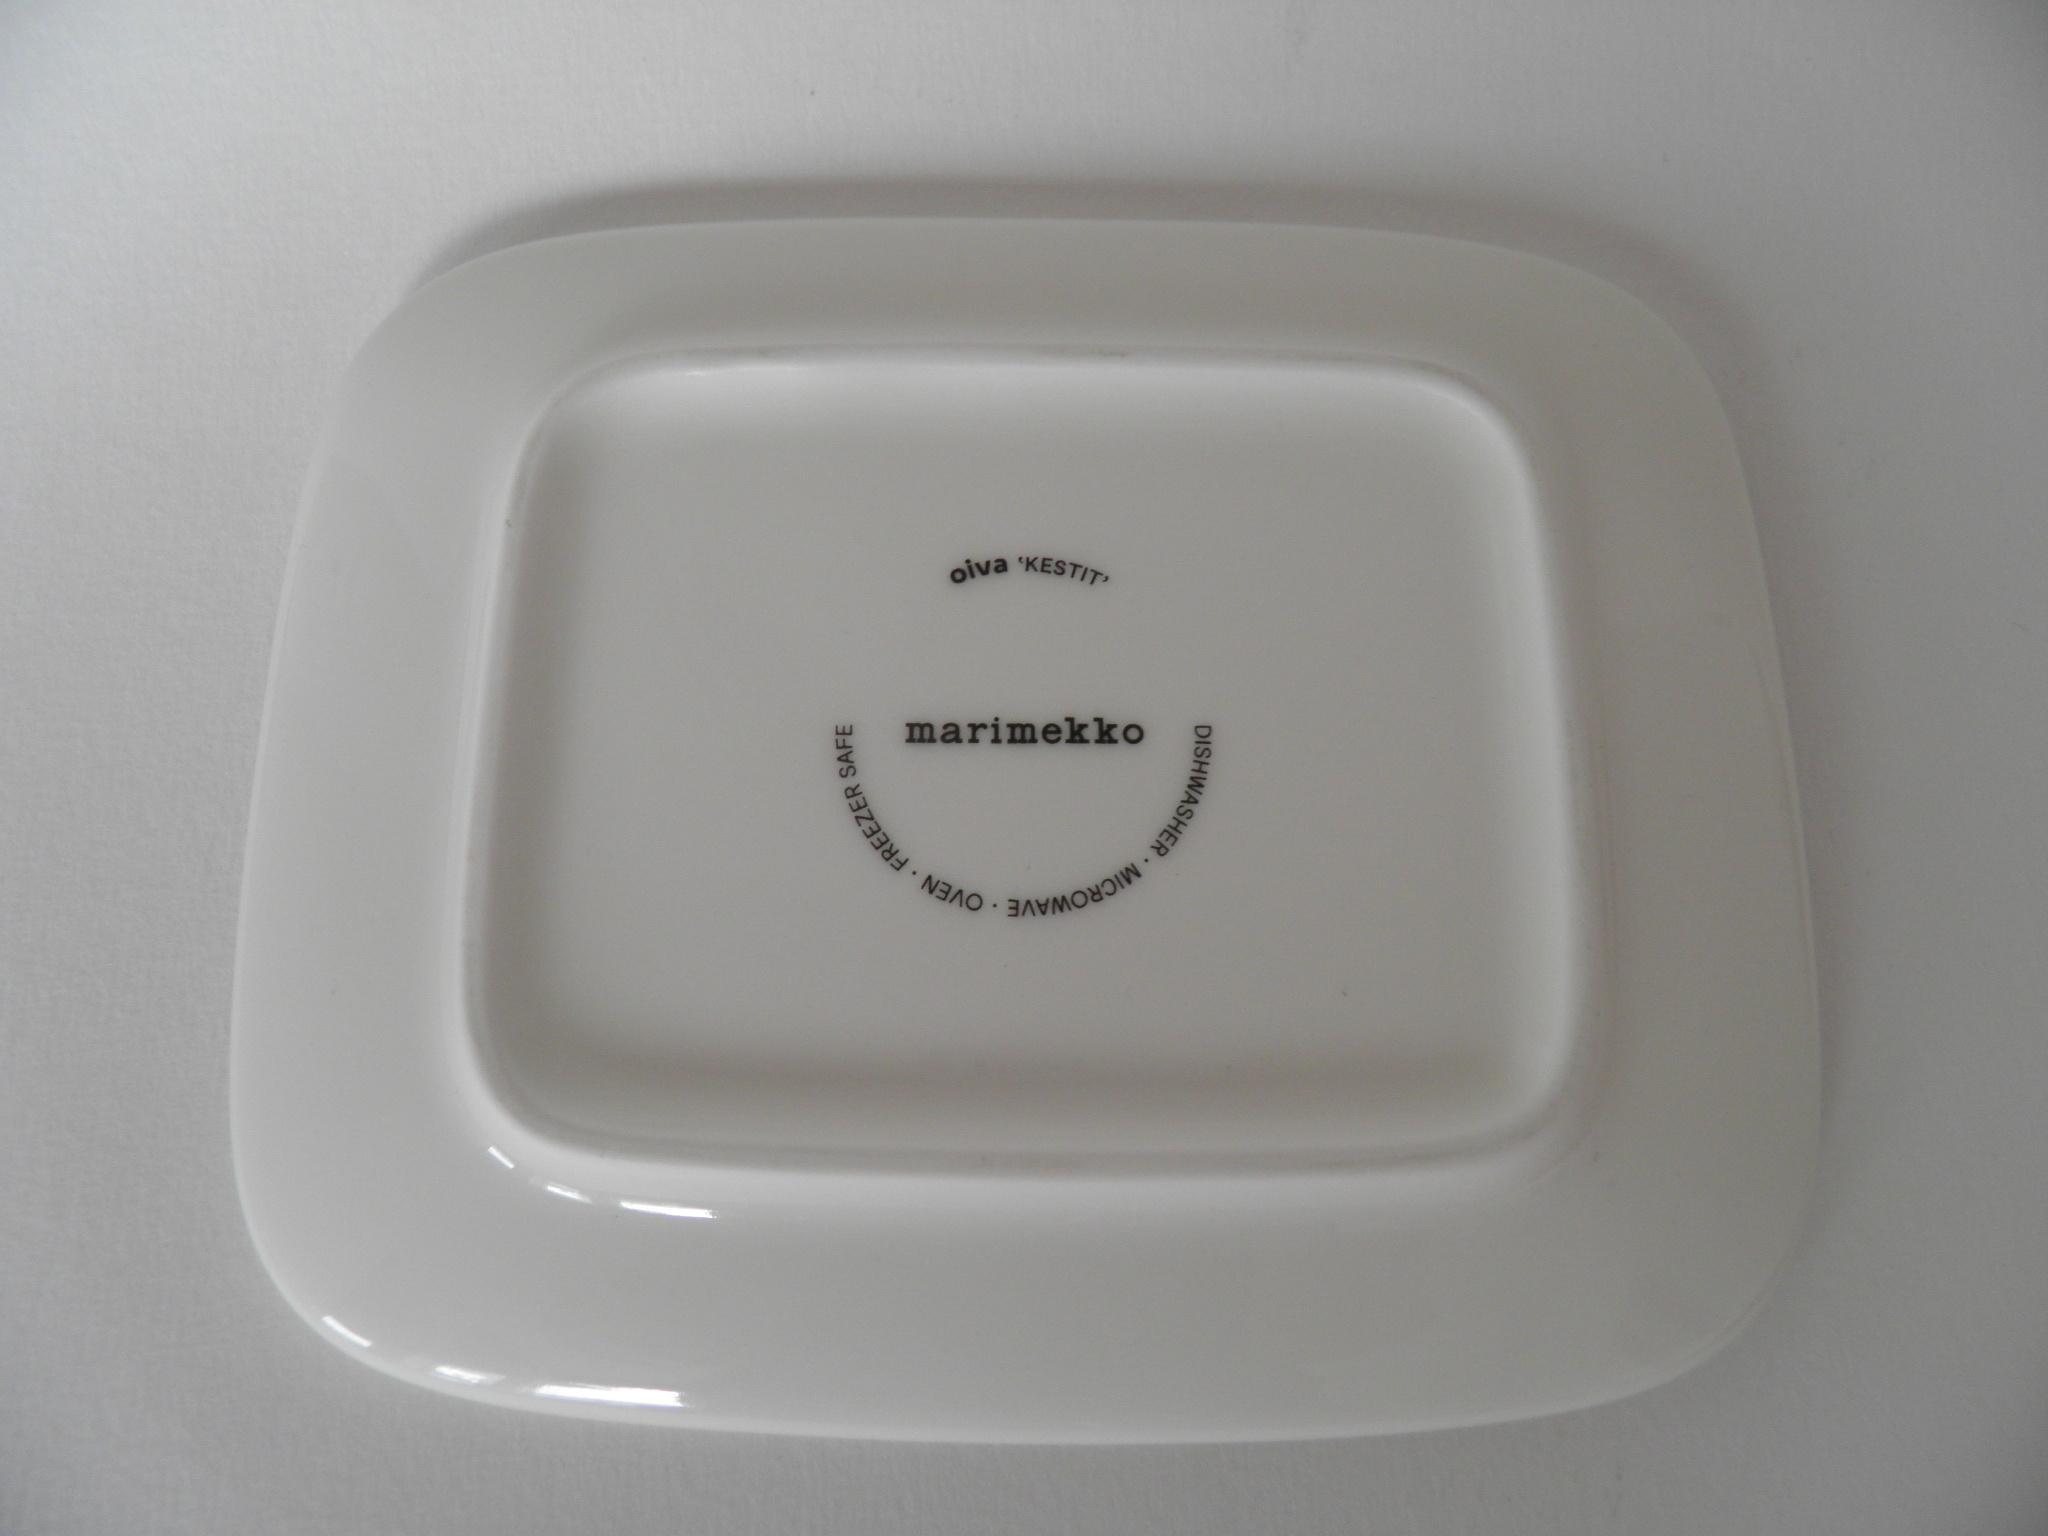 Marimekko Merimieslaukku Hinta : Kestit lautanen vaaleanpunainen marimekko